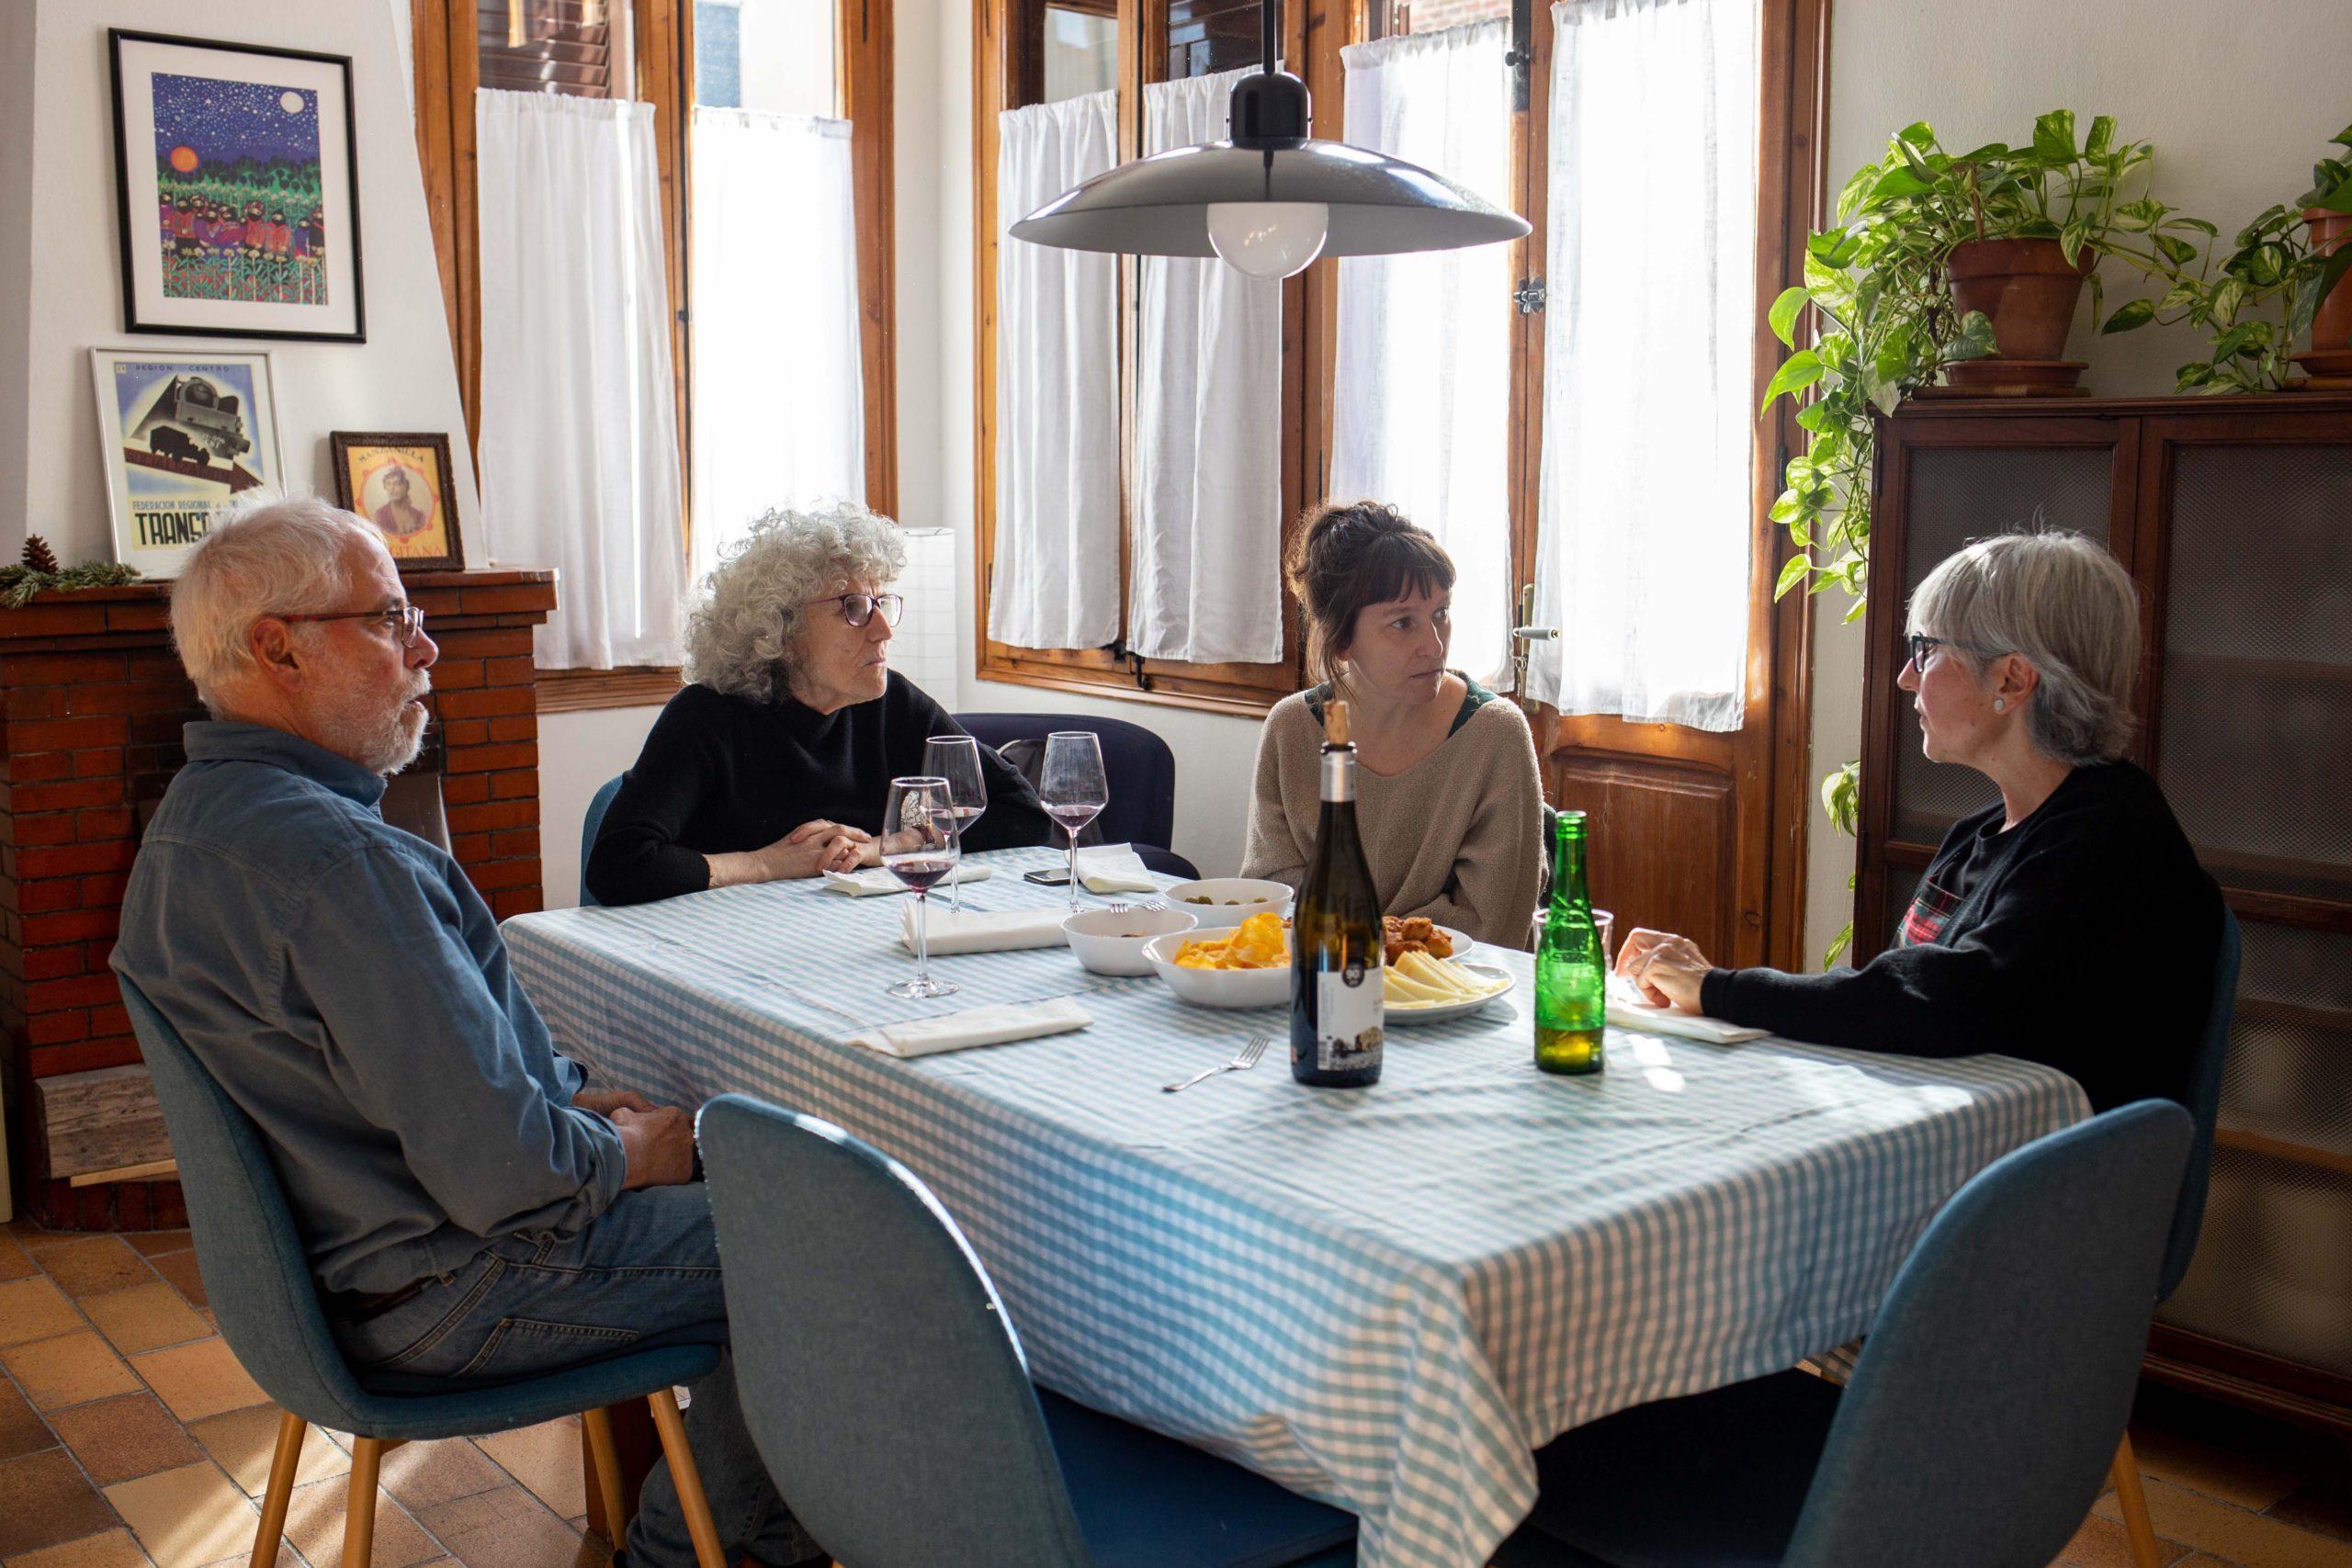 Vista general d'un dinar d'un grup d'amigues assegudes a la taula del menjador de casa